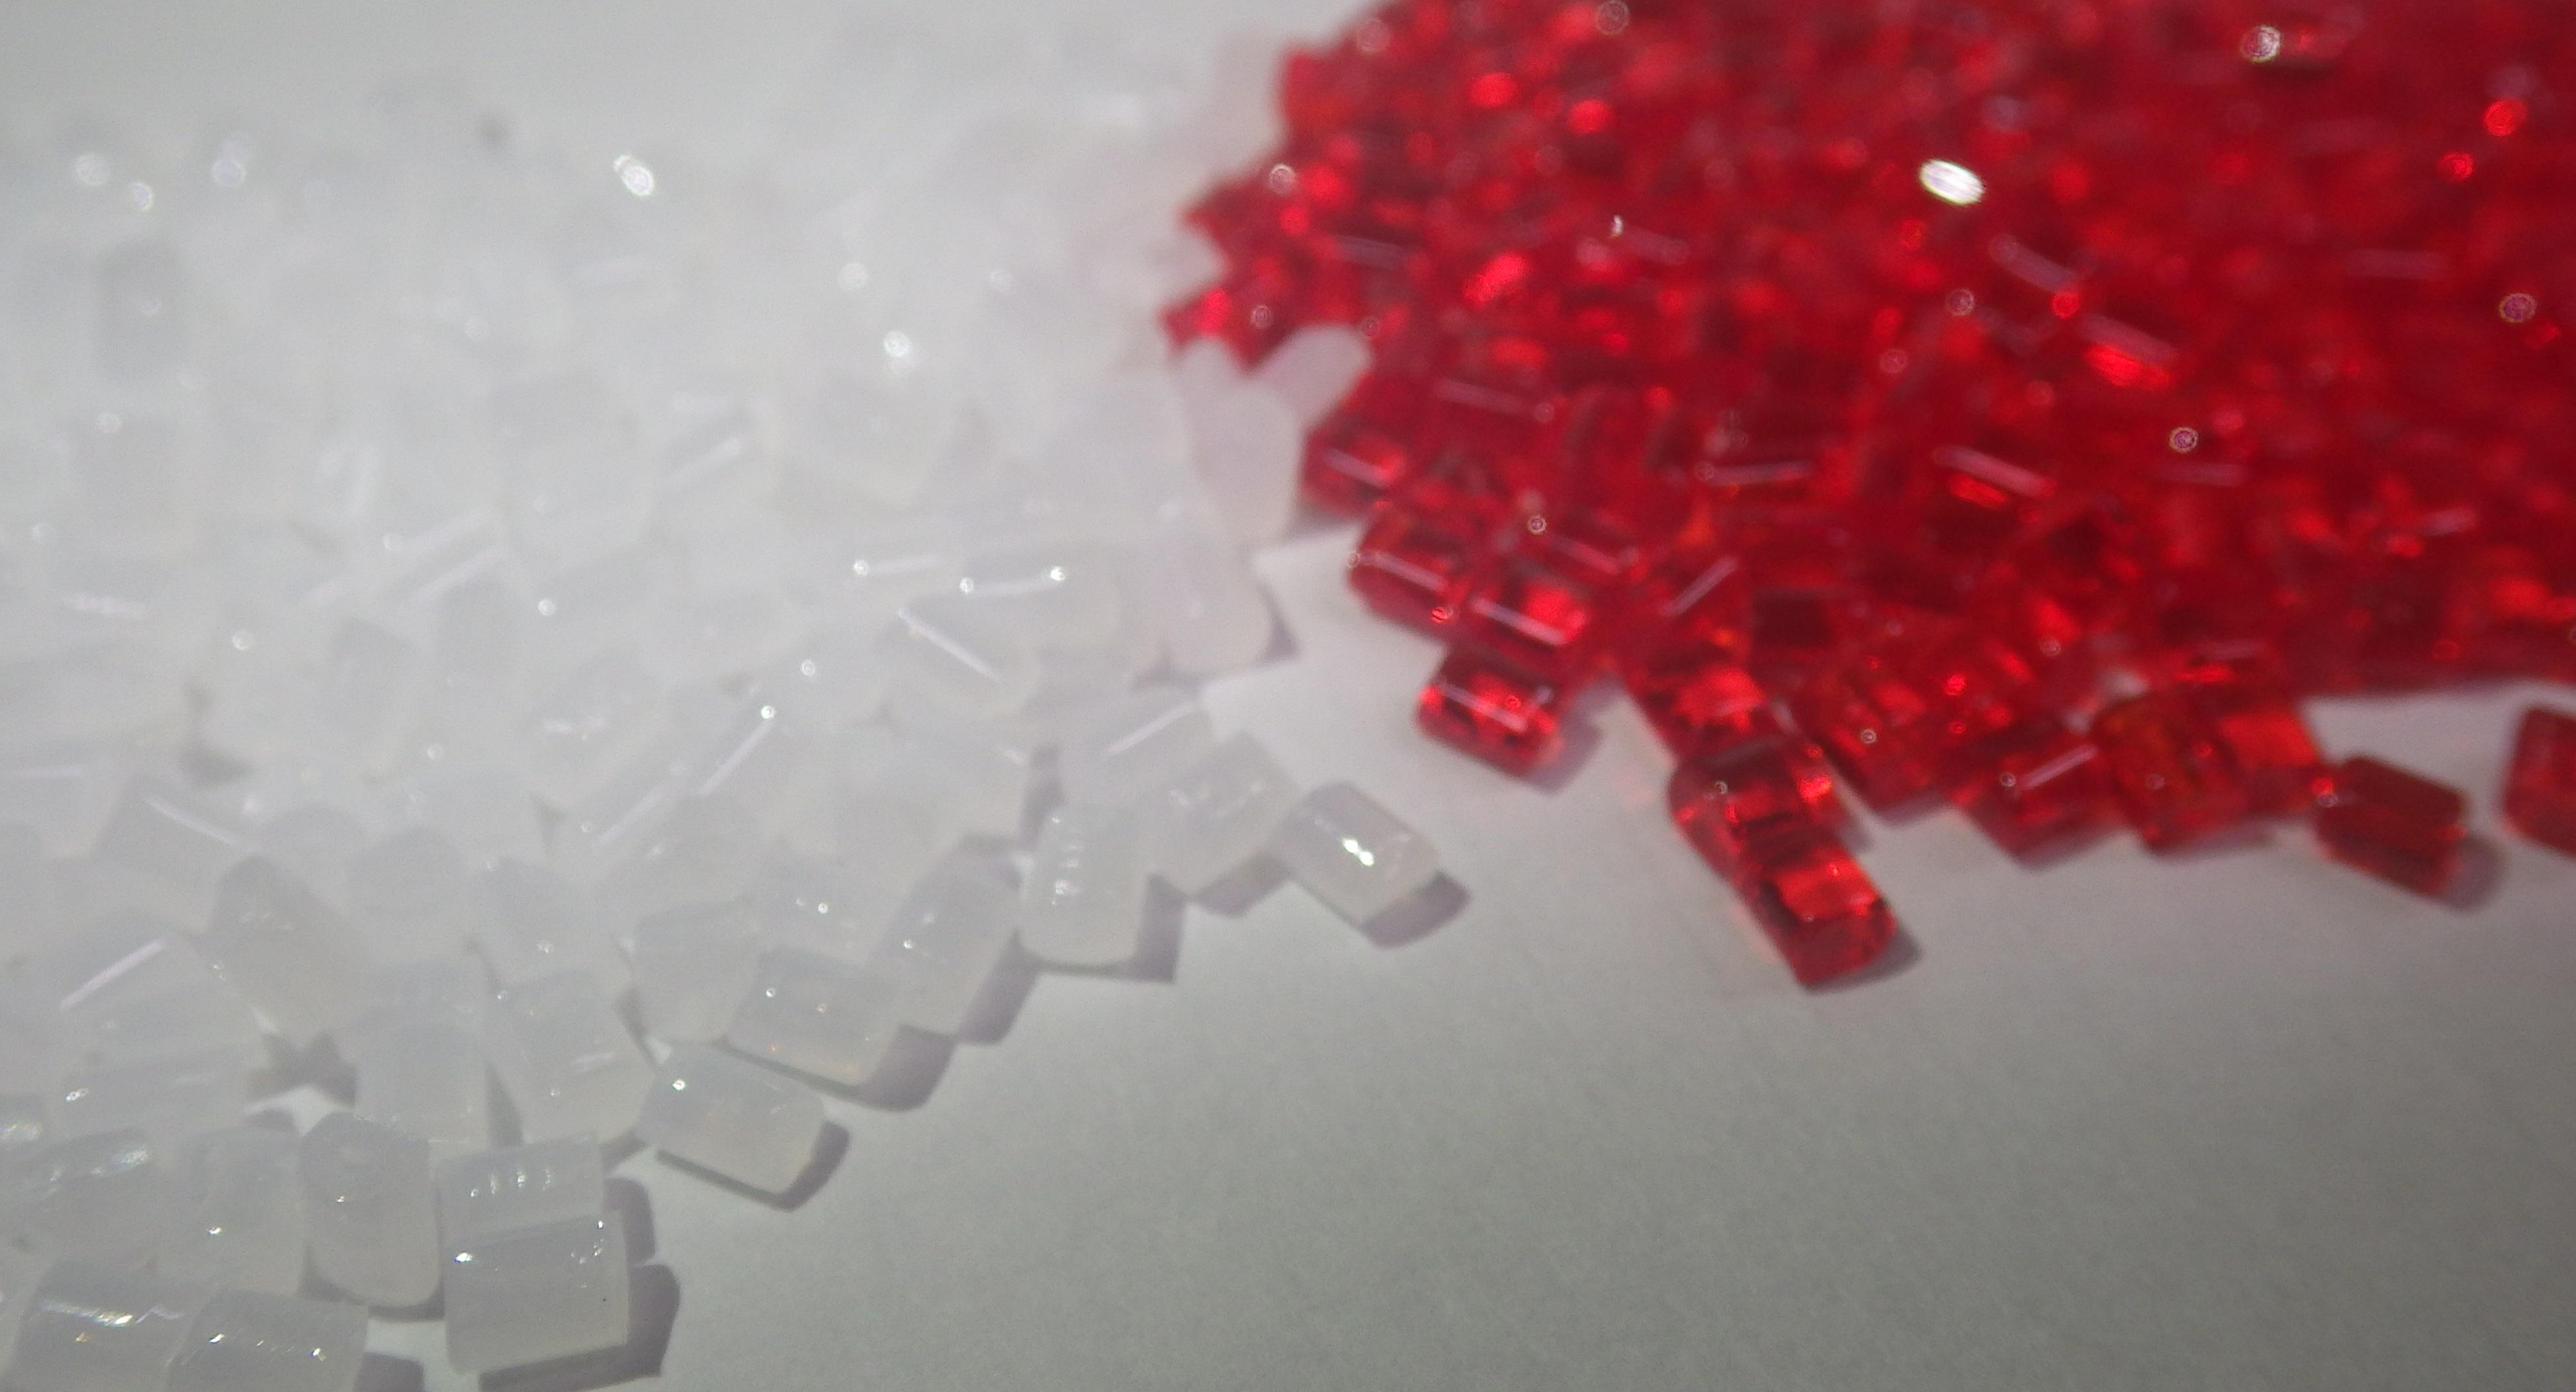 射出成形用プラスチック材料(2)